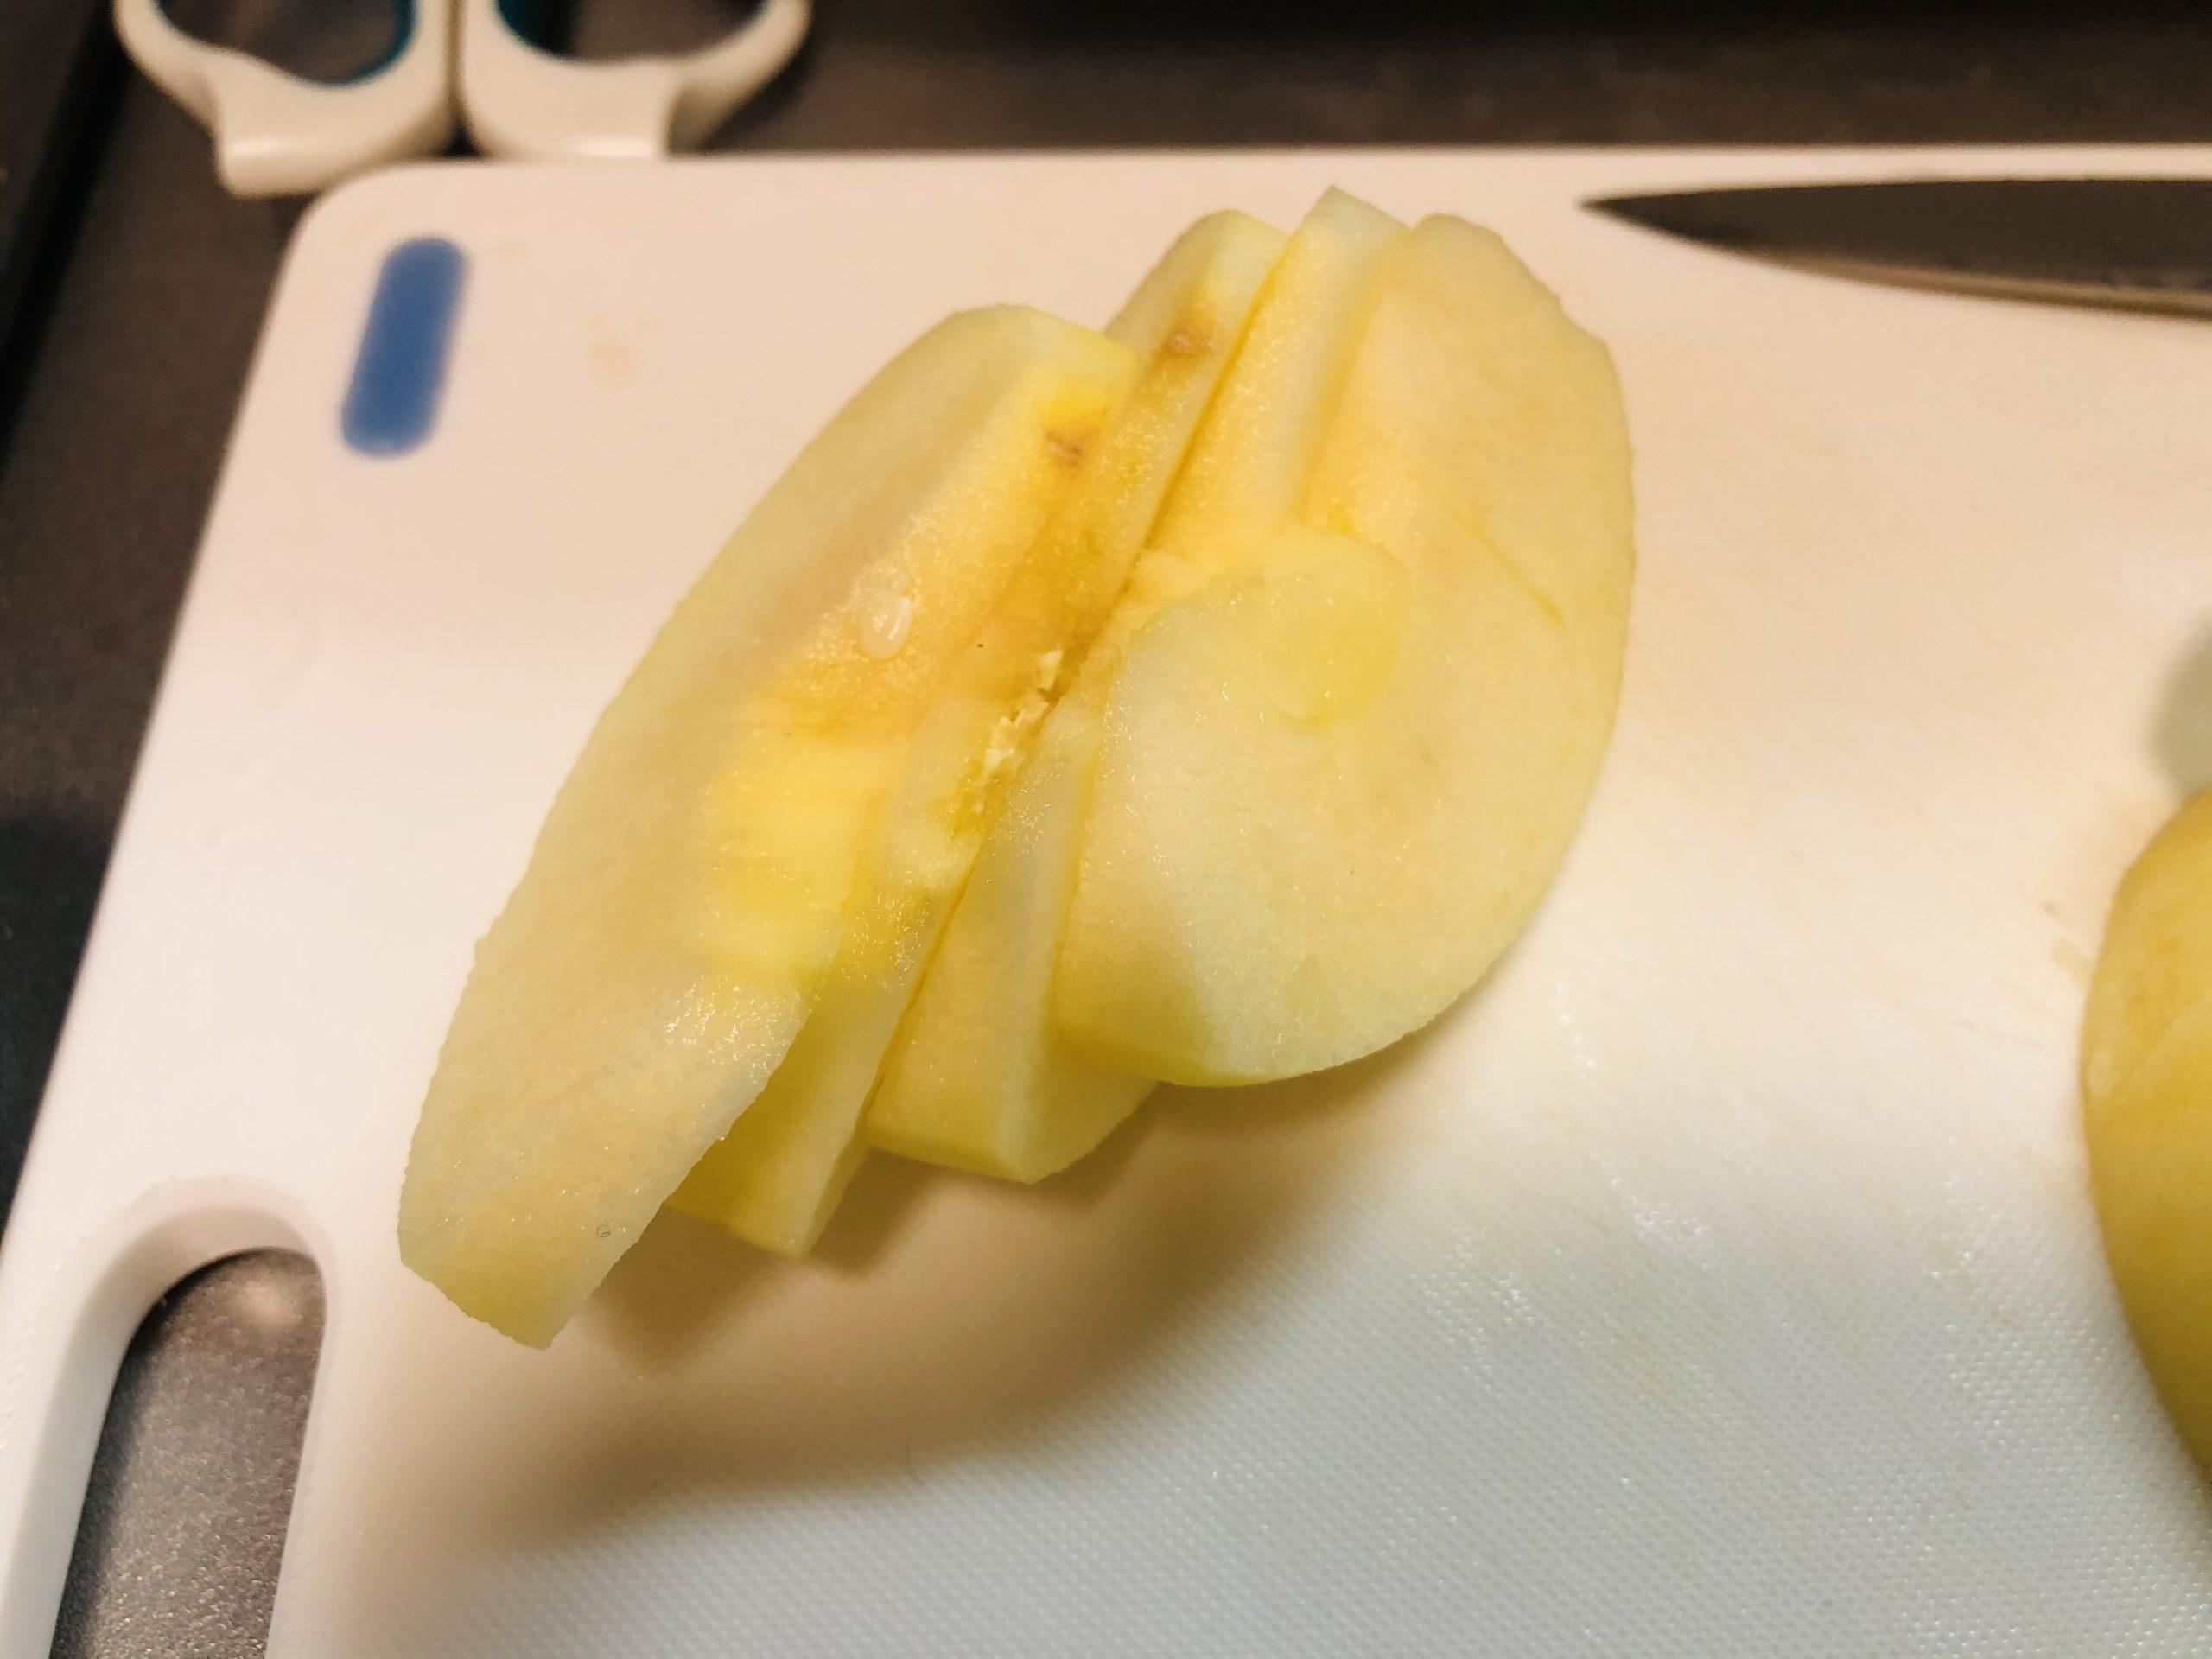 1/4のリンゴを更に4等分に切った様子の画像です